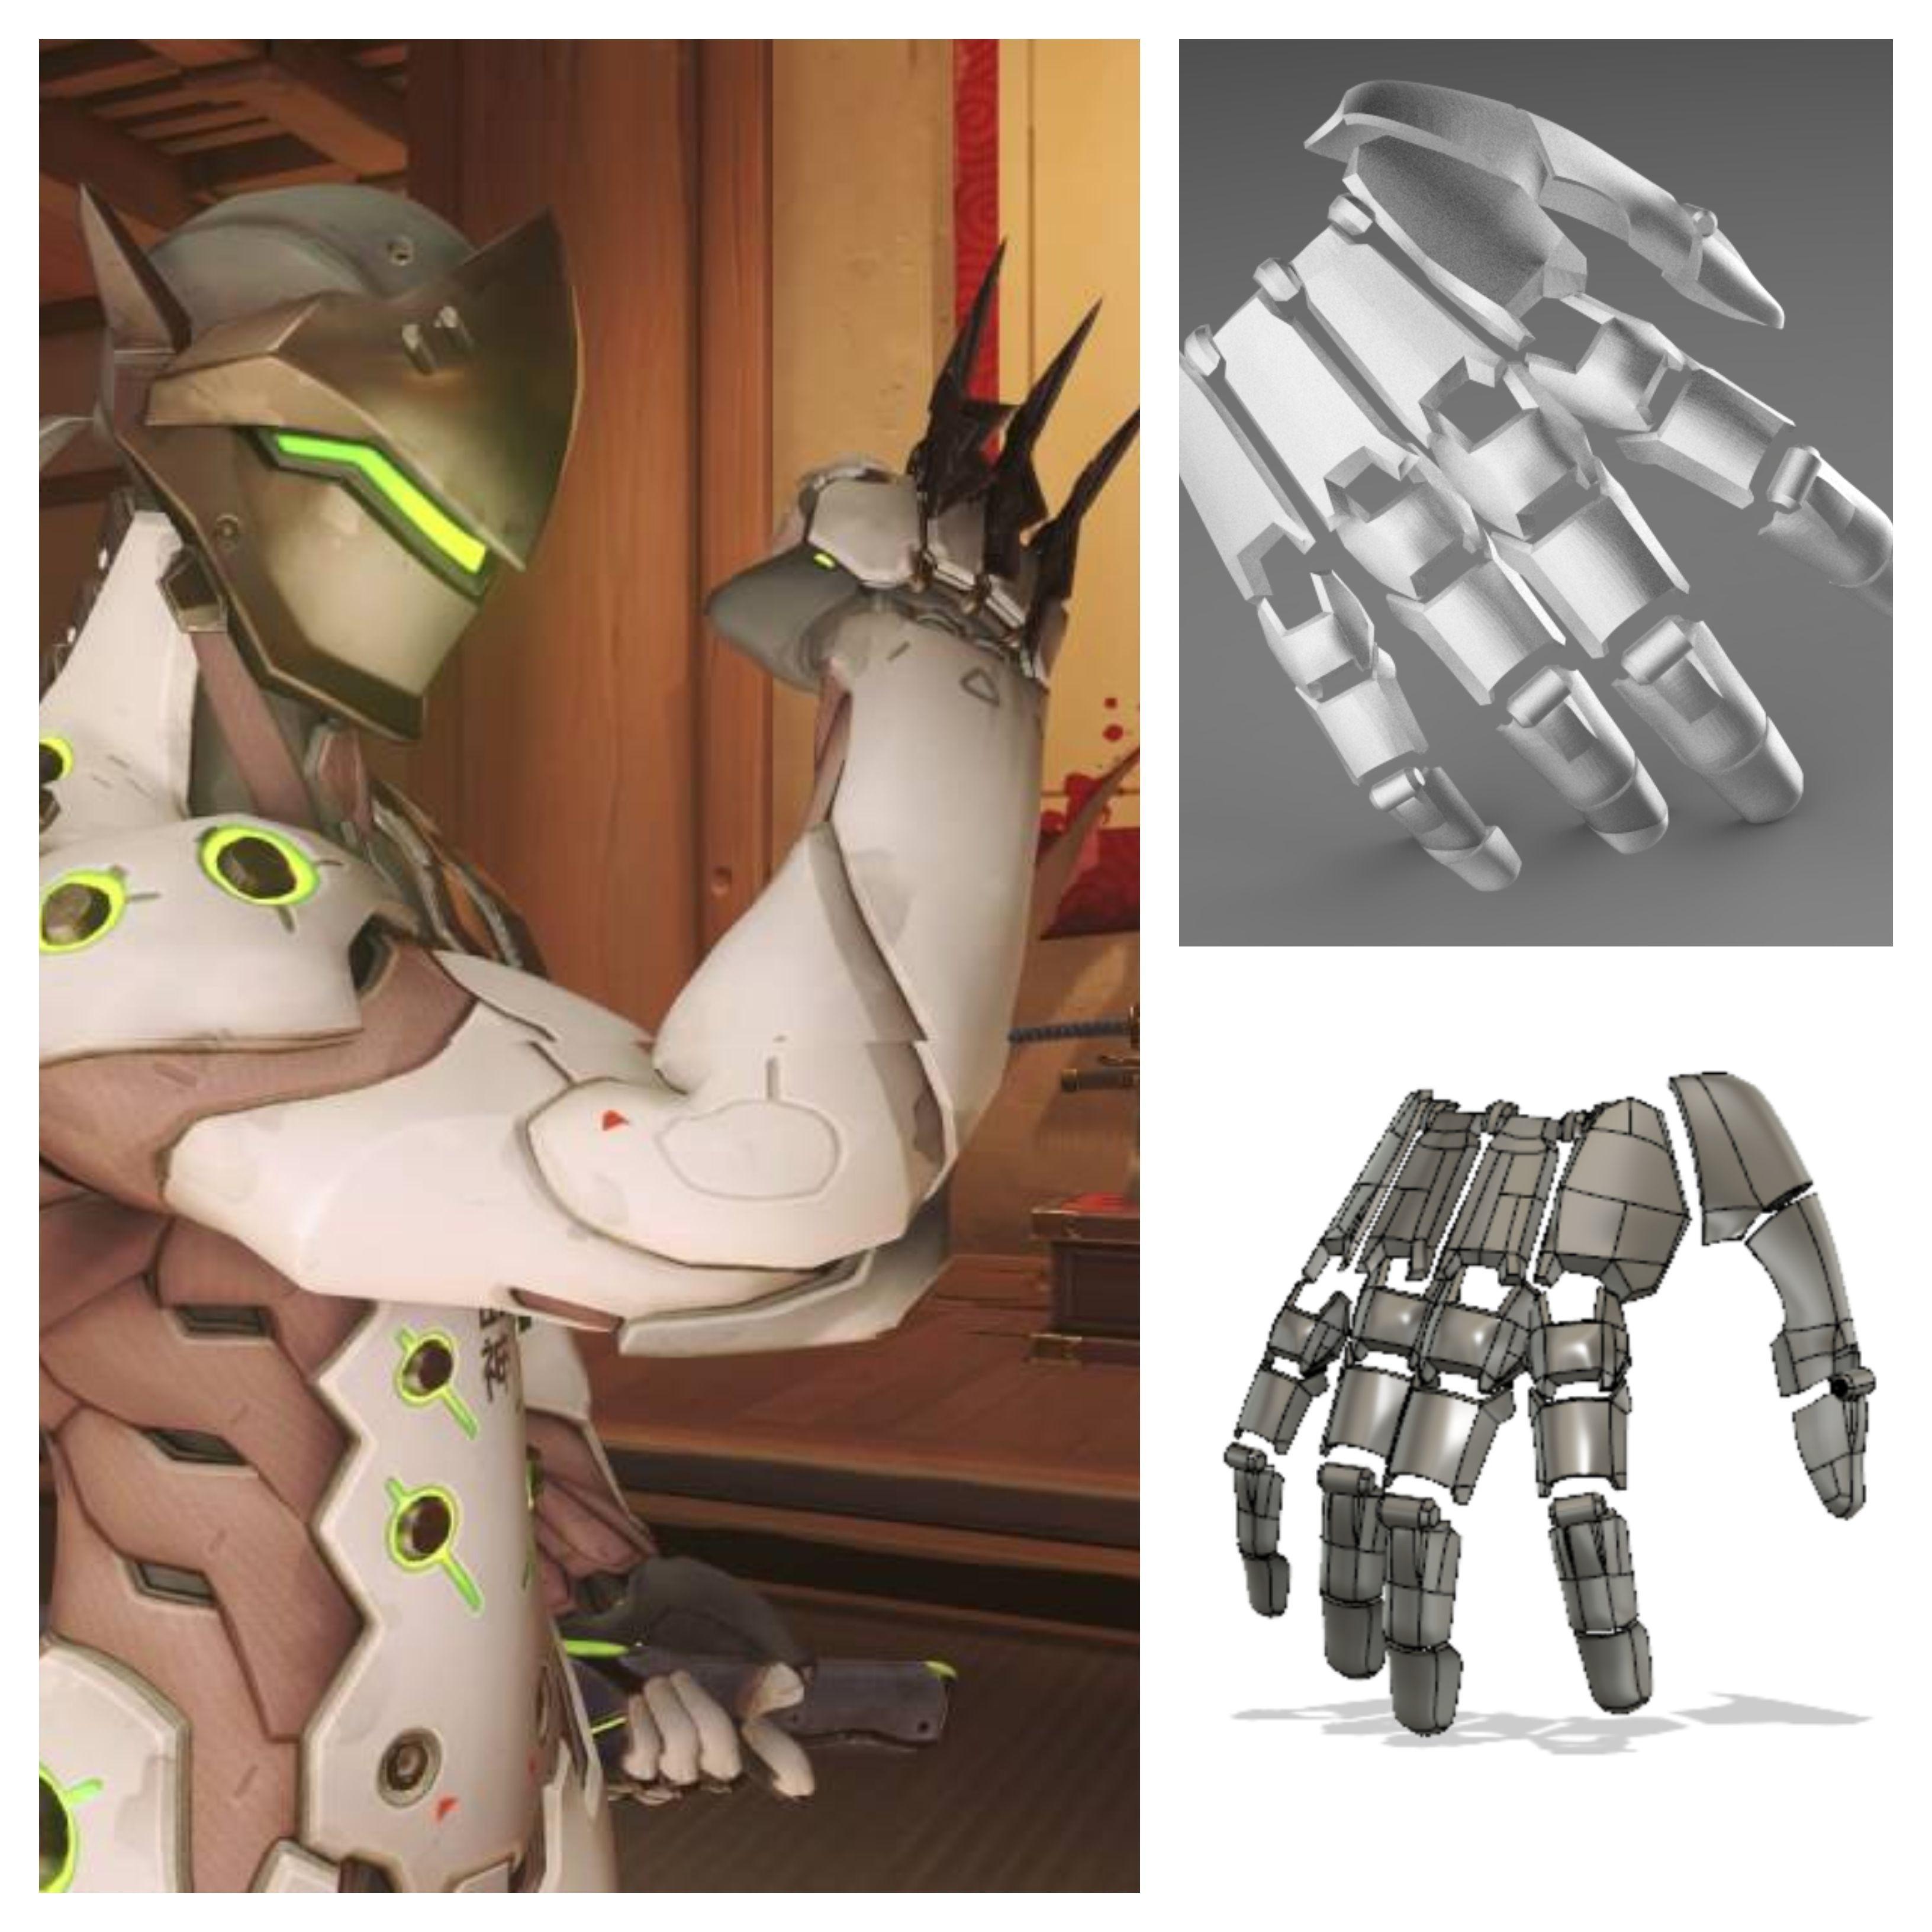 Genji robotic hand